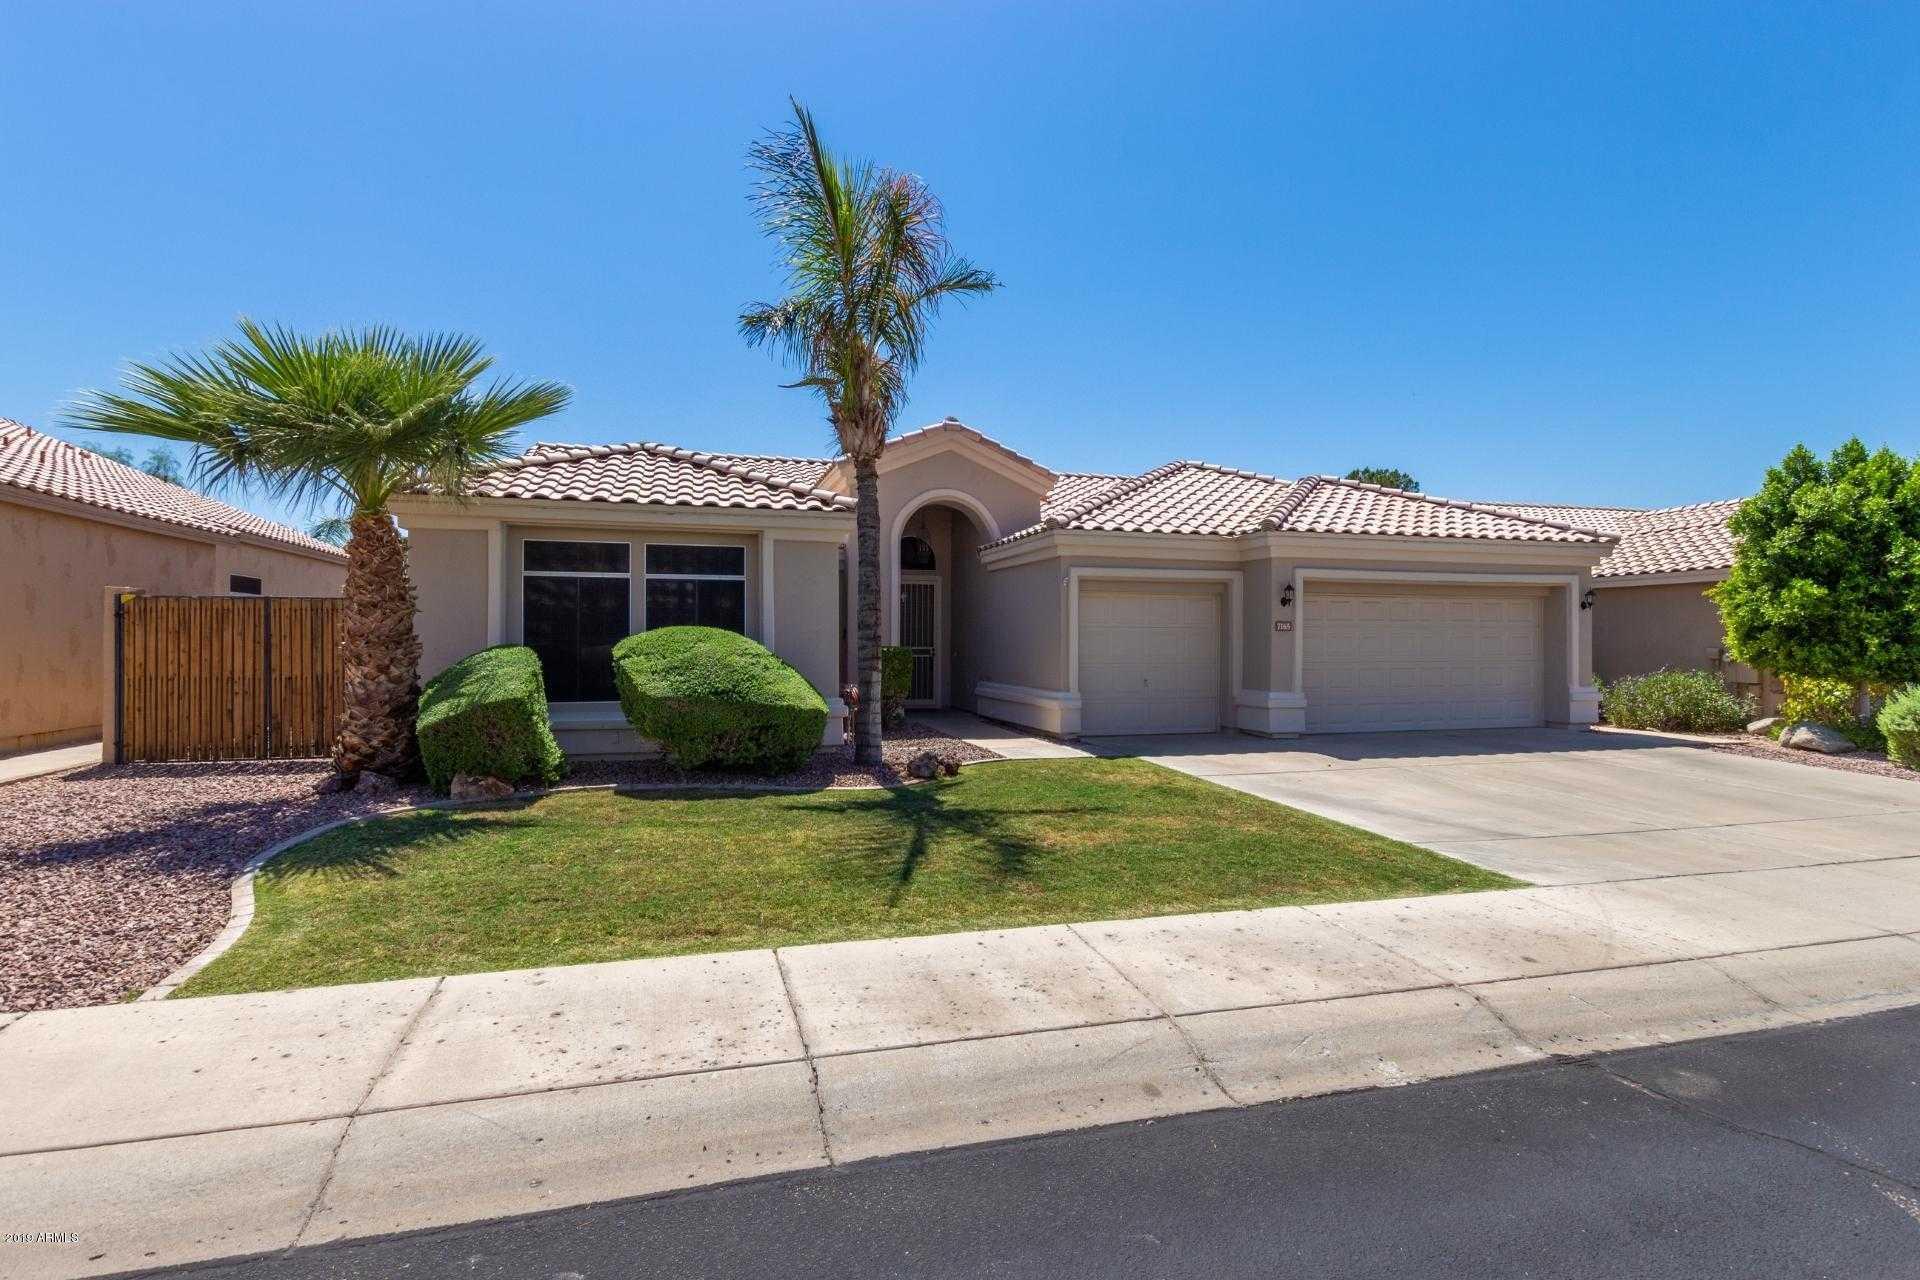 $409,900 - 4Br/2Ba - Home for Sale in Hillcrest Ranch Parcel F & H, Glendale